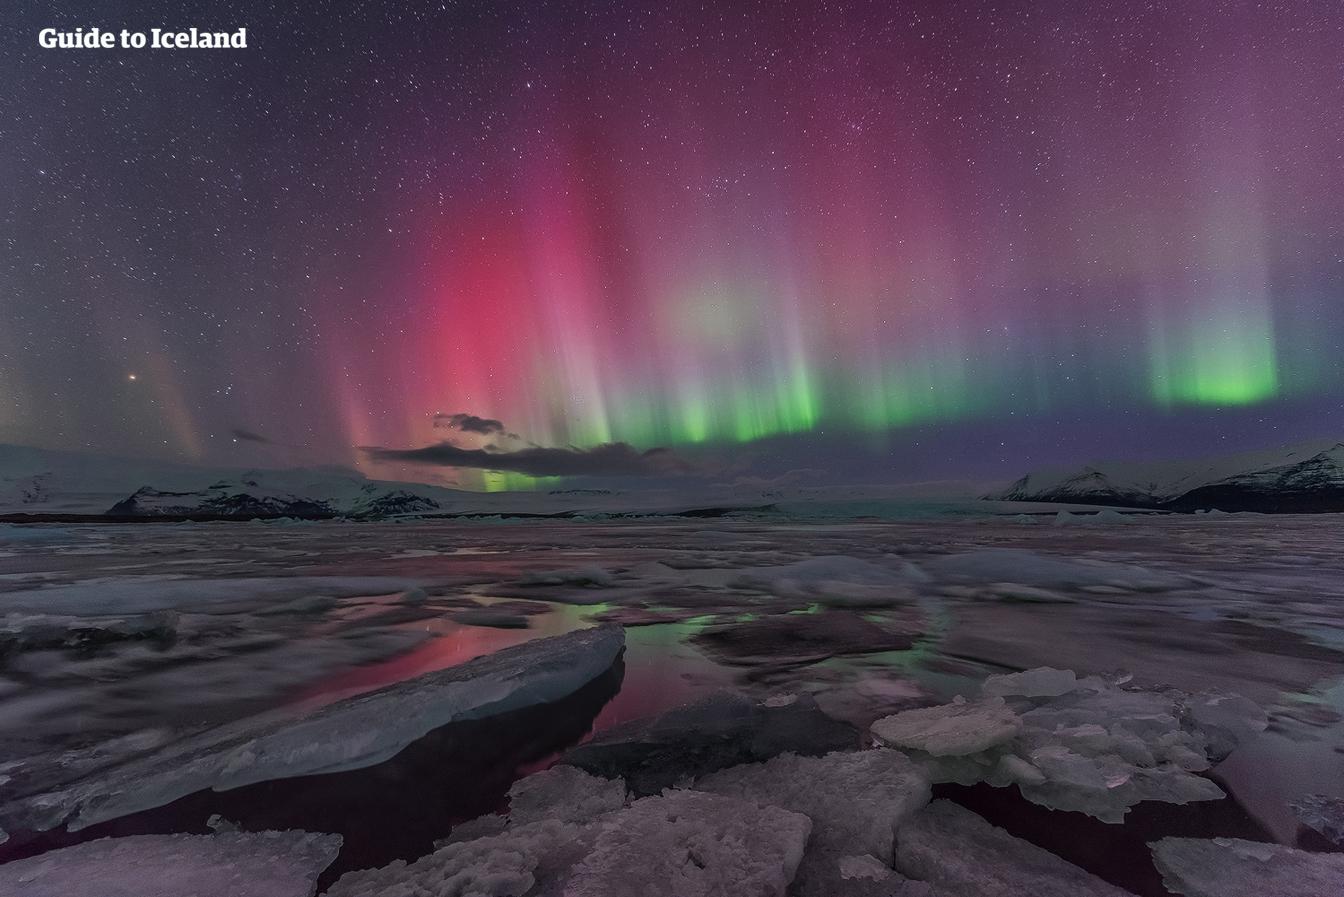 Während der letzten 15 Jahre hat sich die Größe von Jökulsarlon verdoppelt, aber verglichen mit der Aurora über ihr, wirkt sie trotzdem klein.